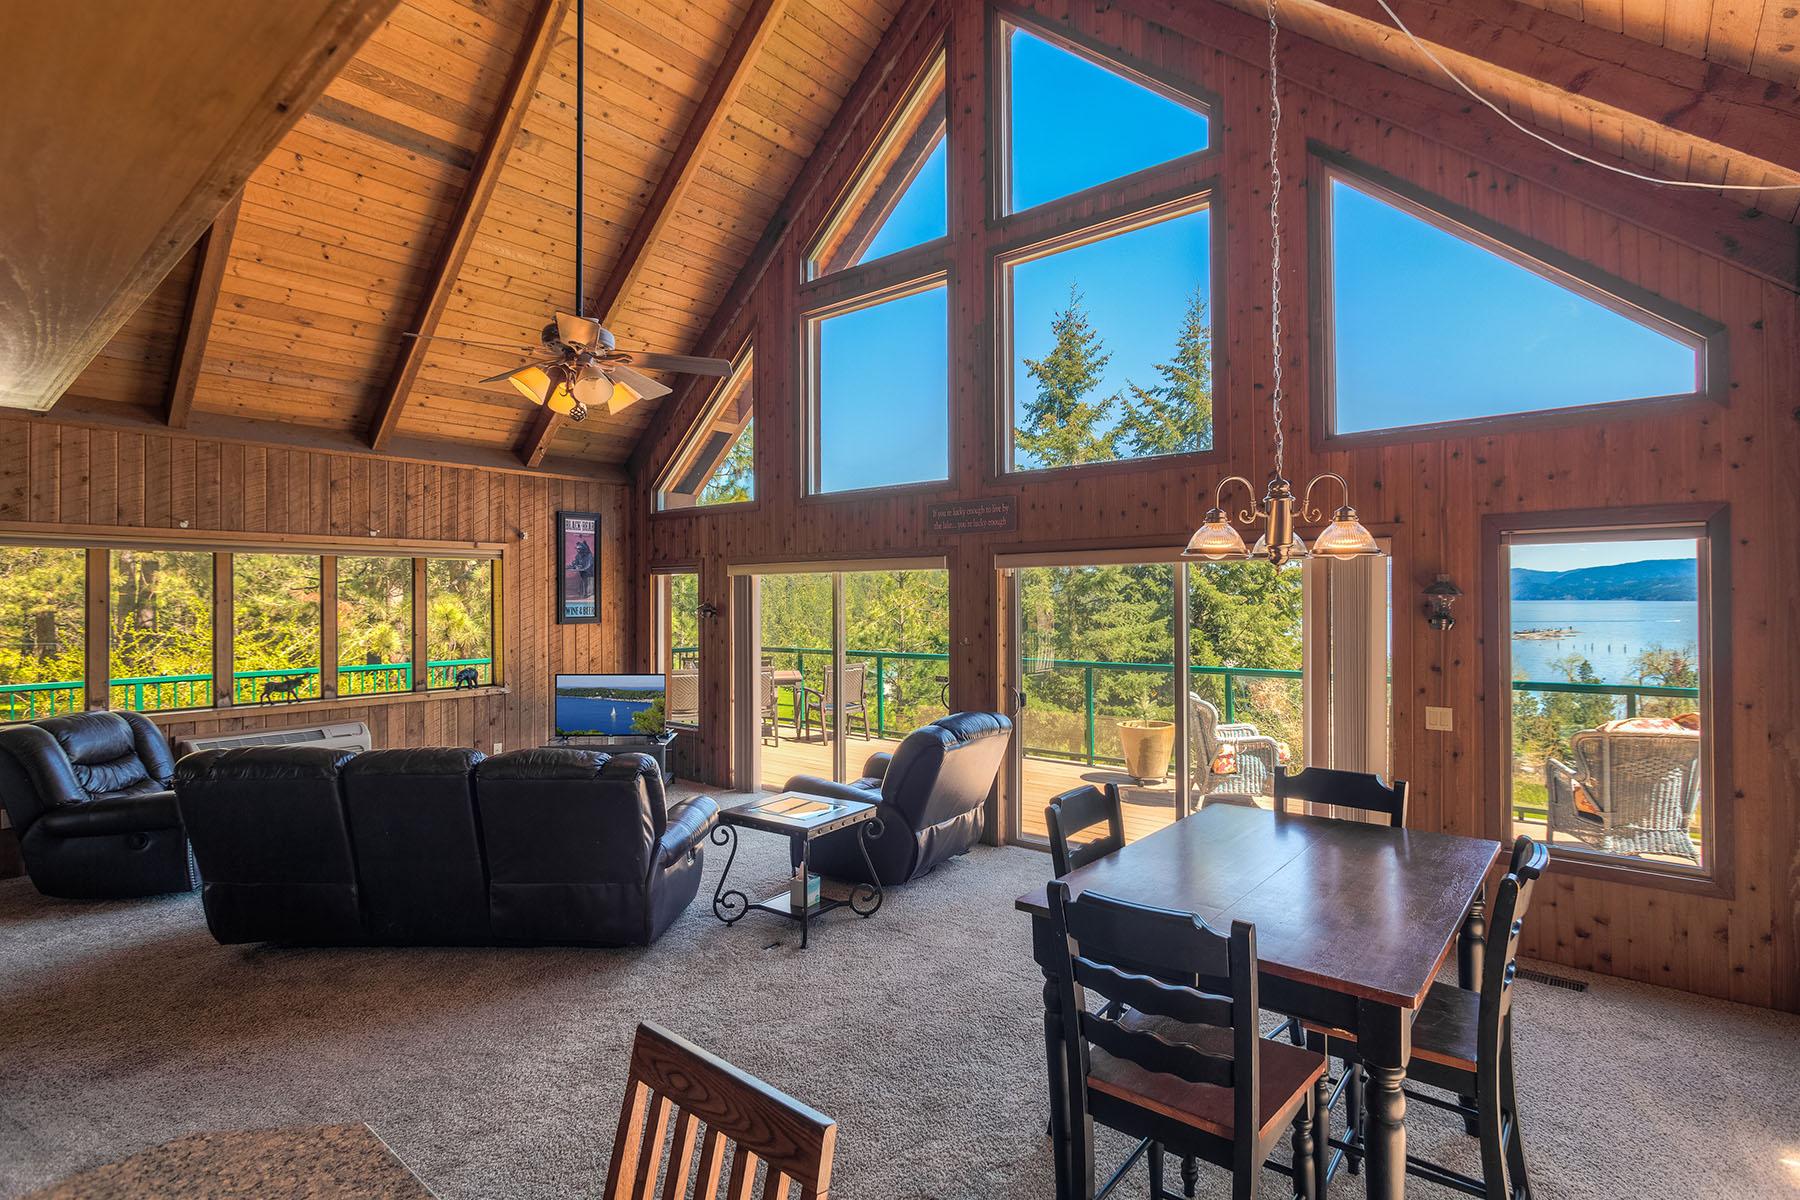 단독 가정 주택 용 매매 에 Stunning Lake views on 5 acres 2740 W Summer Mill Ln, Coeur D Alene, 아이다호, 83814 미국